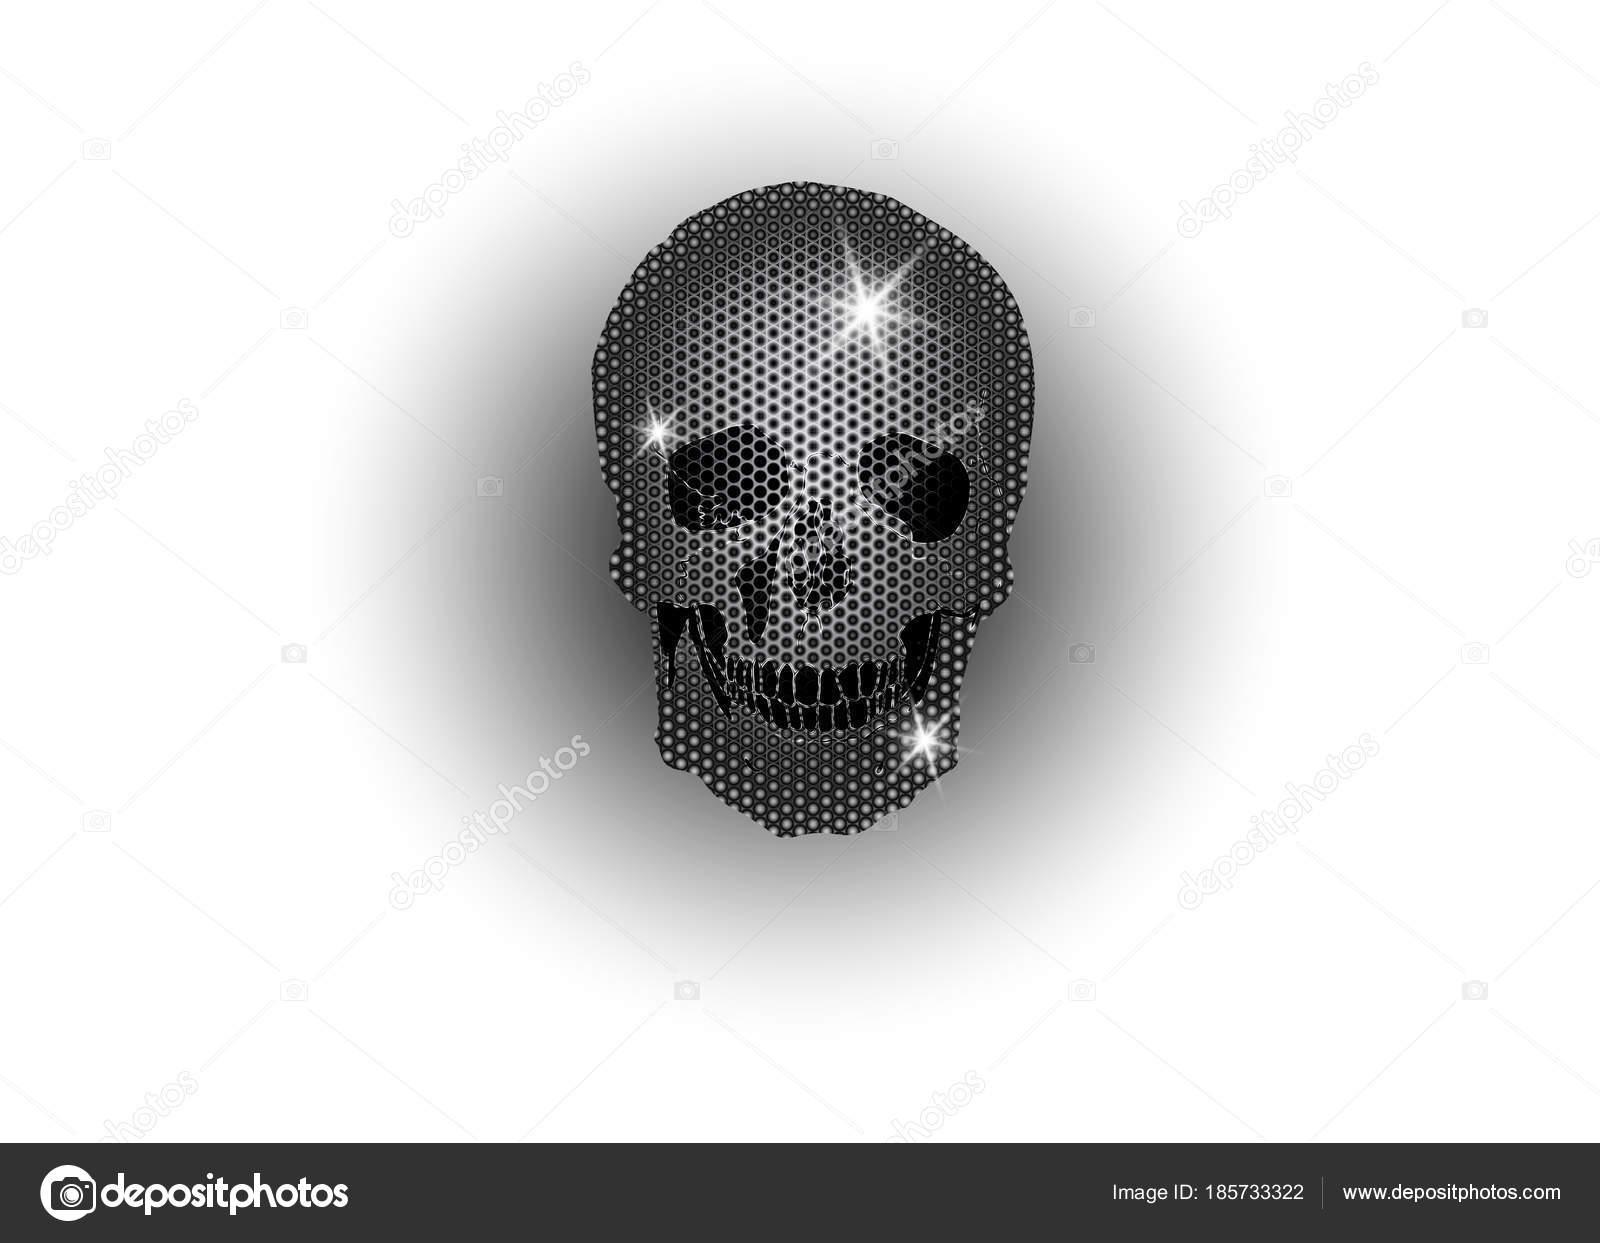 354439437193 Brillante cráneo de platino y diamantes que brillan estrellas. Colección de  elemento cráneo metálico. Día de los muertos. Icono símbolo moda diseño  lujo ...